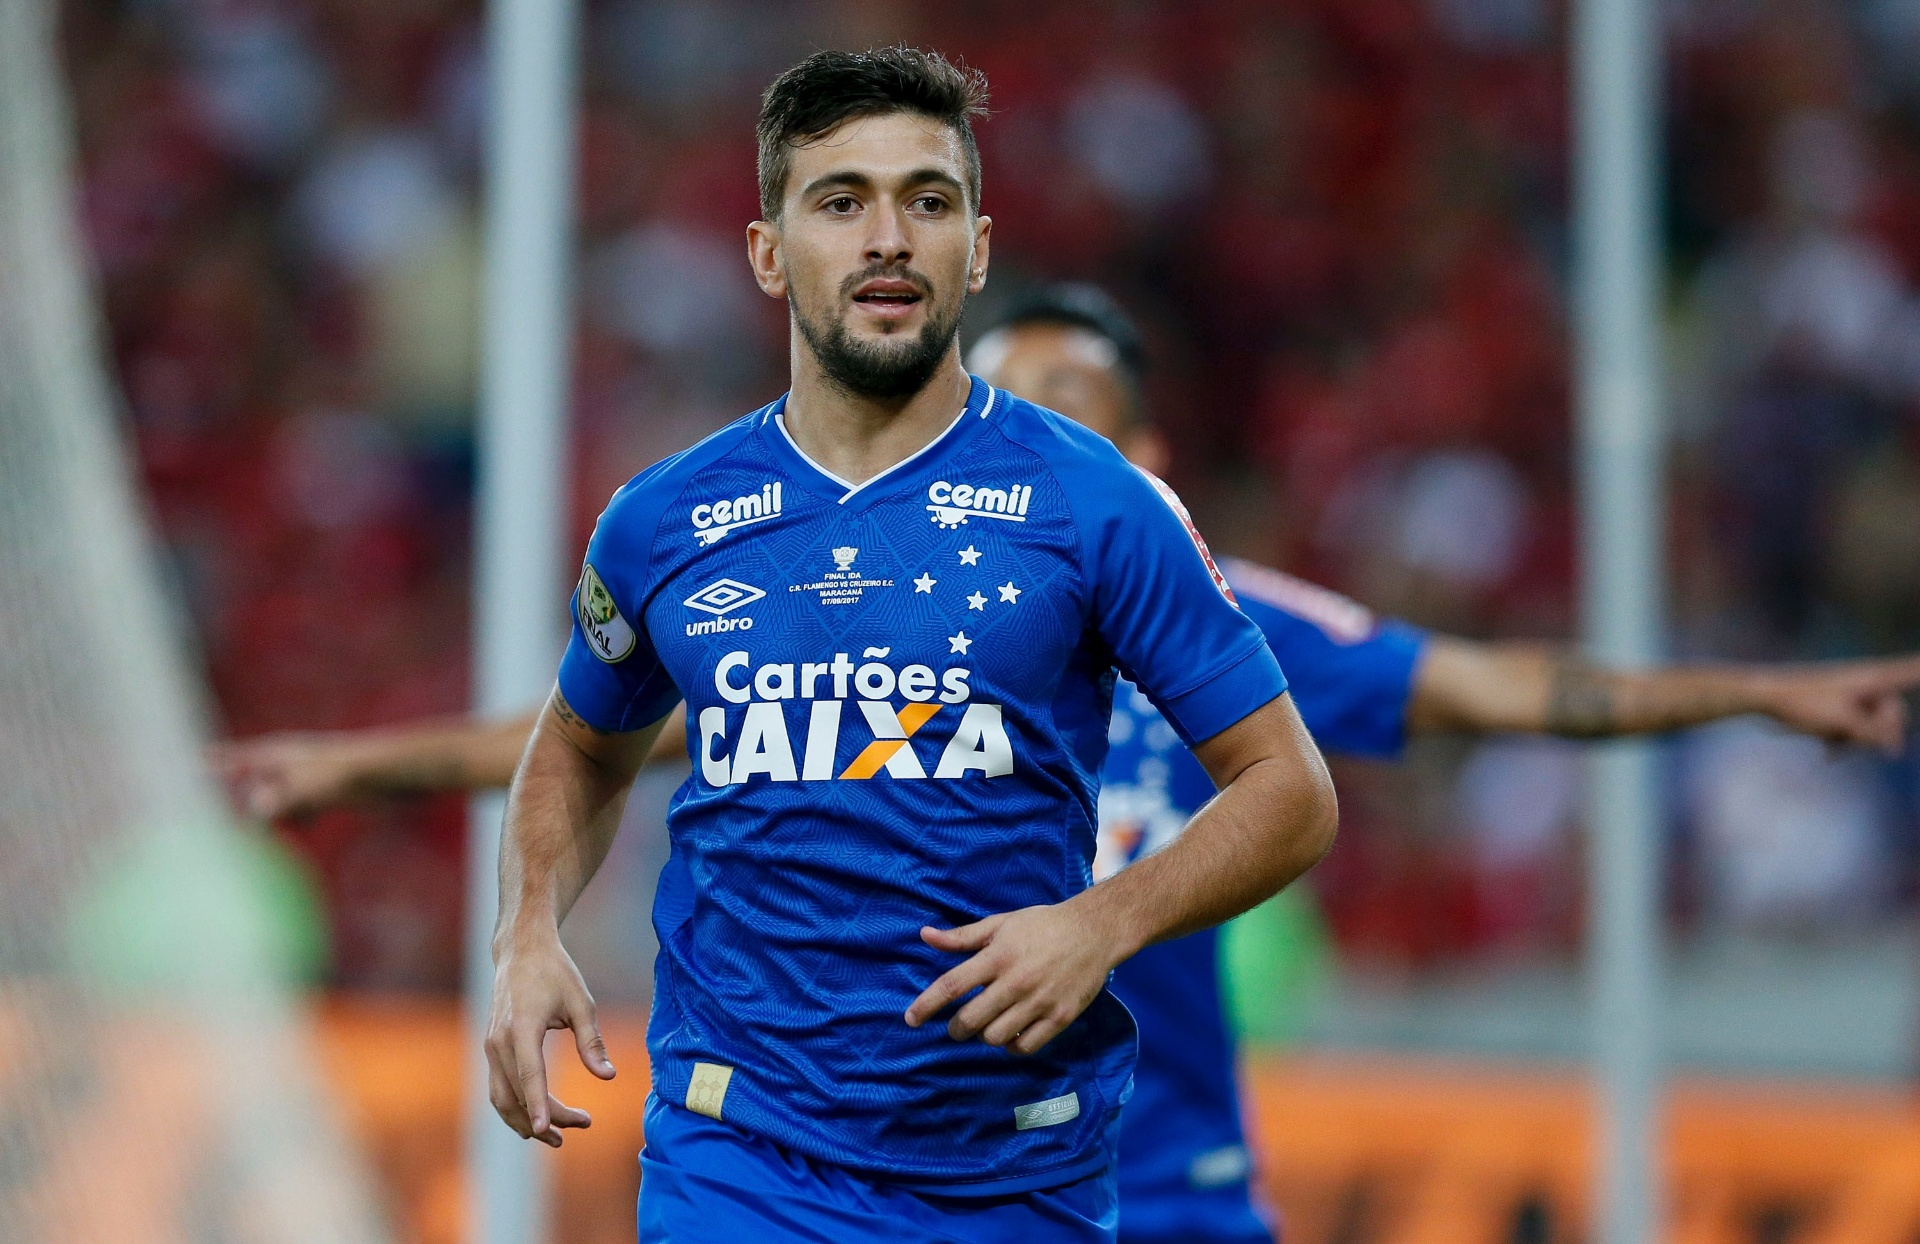 e944479374 Cuidado especial faz Arrascaeta seguir como reserva no Cruzeiro -  18 09 2017 - UOL Esporte